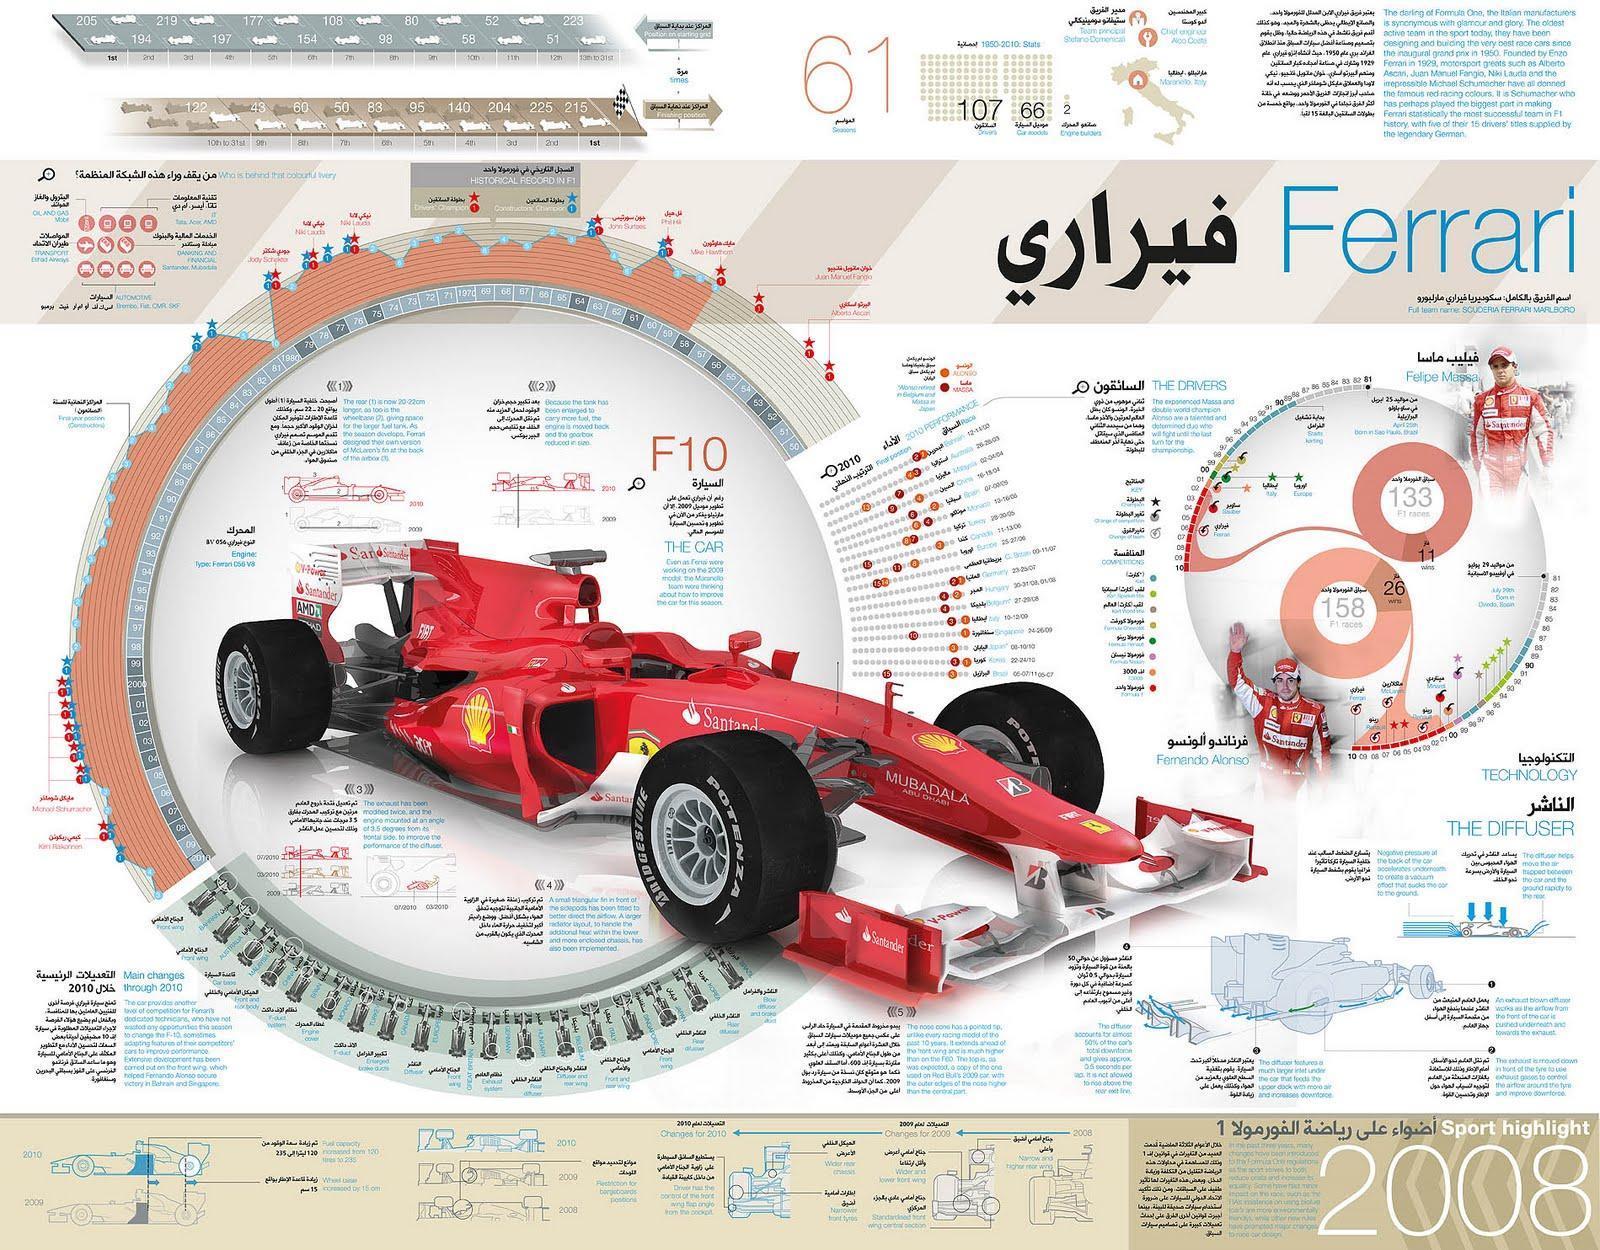 Ferrari+Luis+Chumpitaz1.jpg (1600×1250)